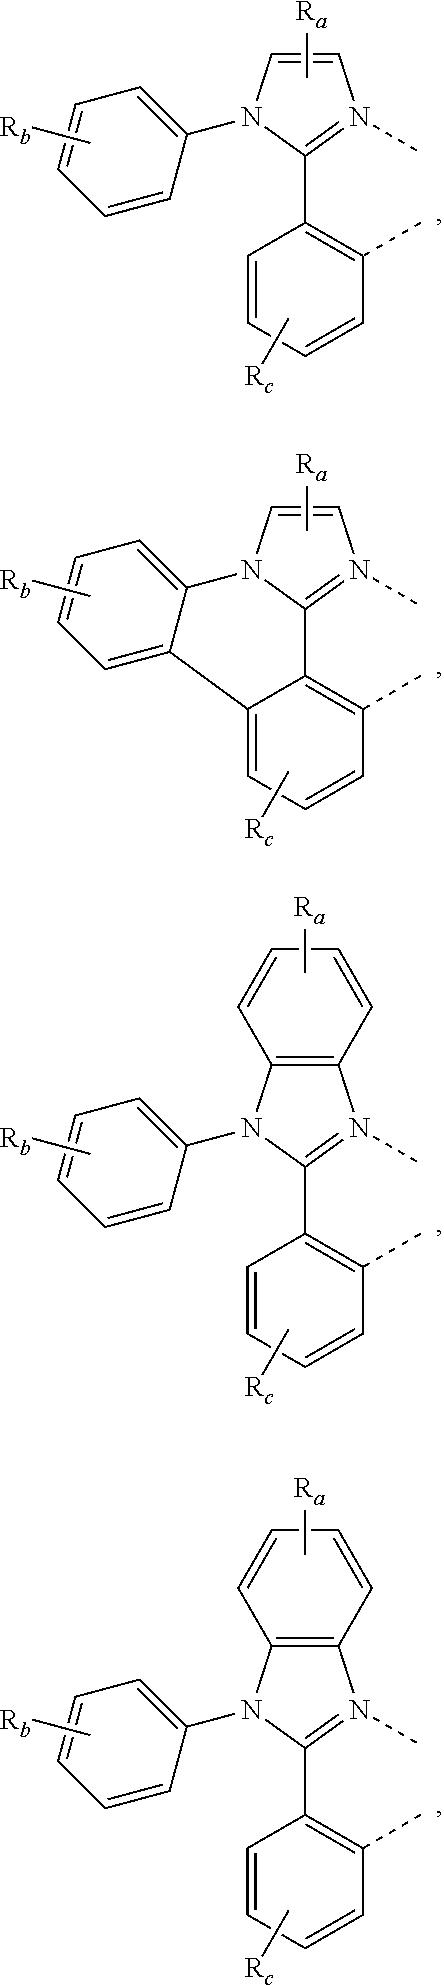 Figure US20180130962A1-20180510-C00023